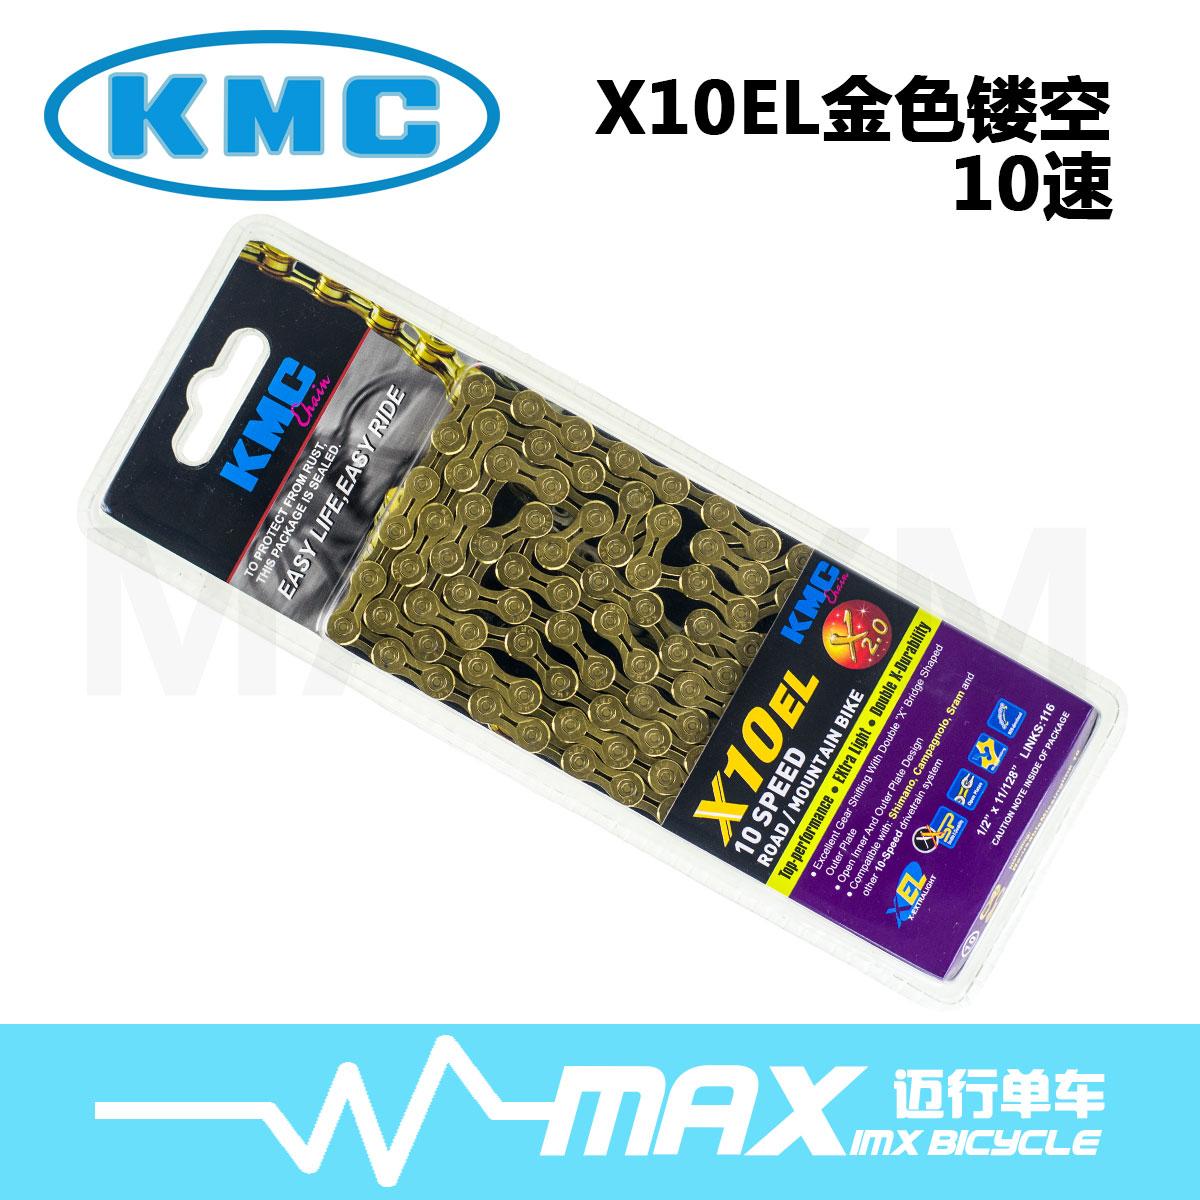 X10EL золотой пирсинг 116 фестиваль / масло